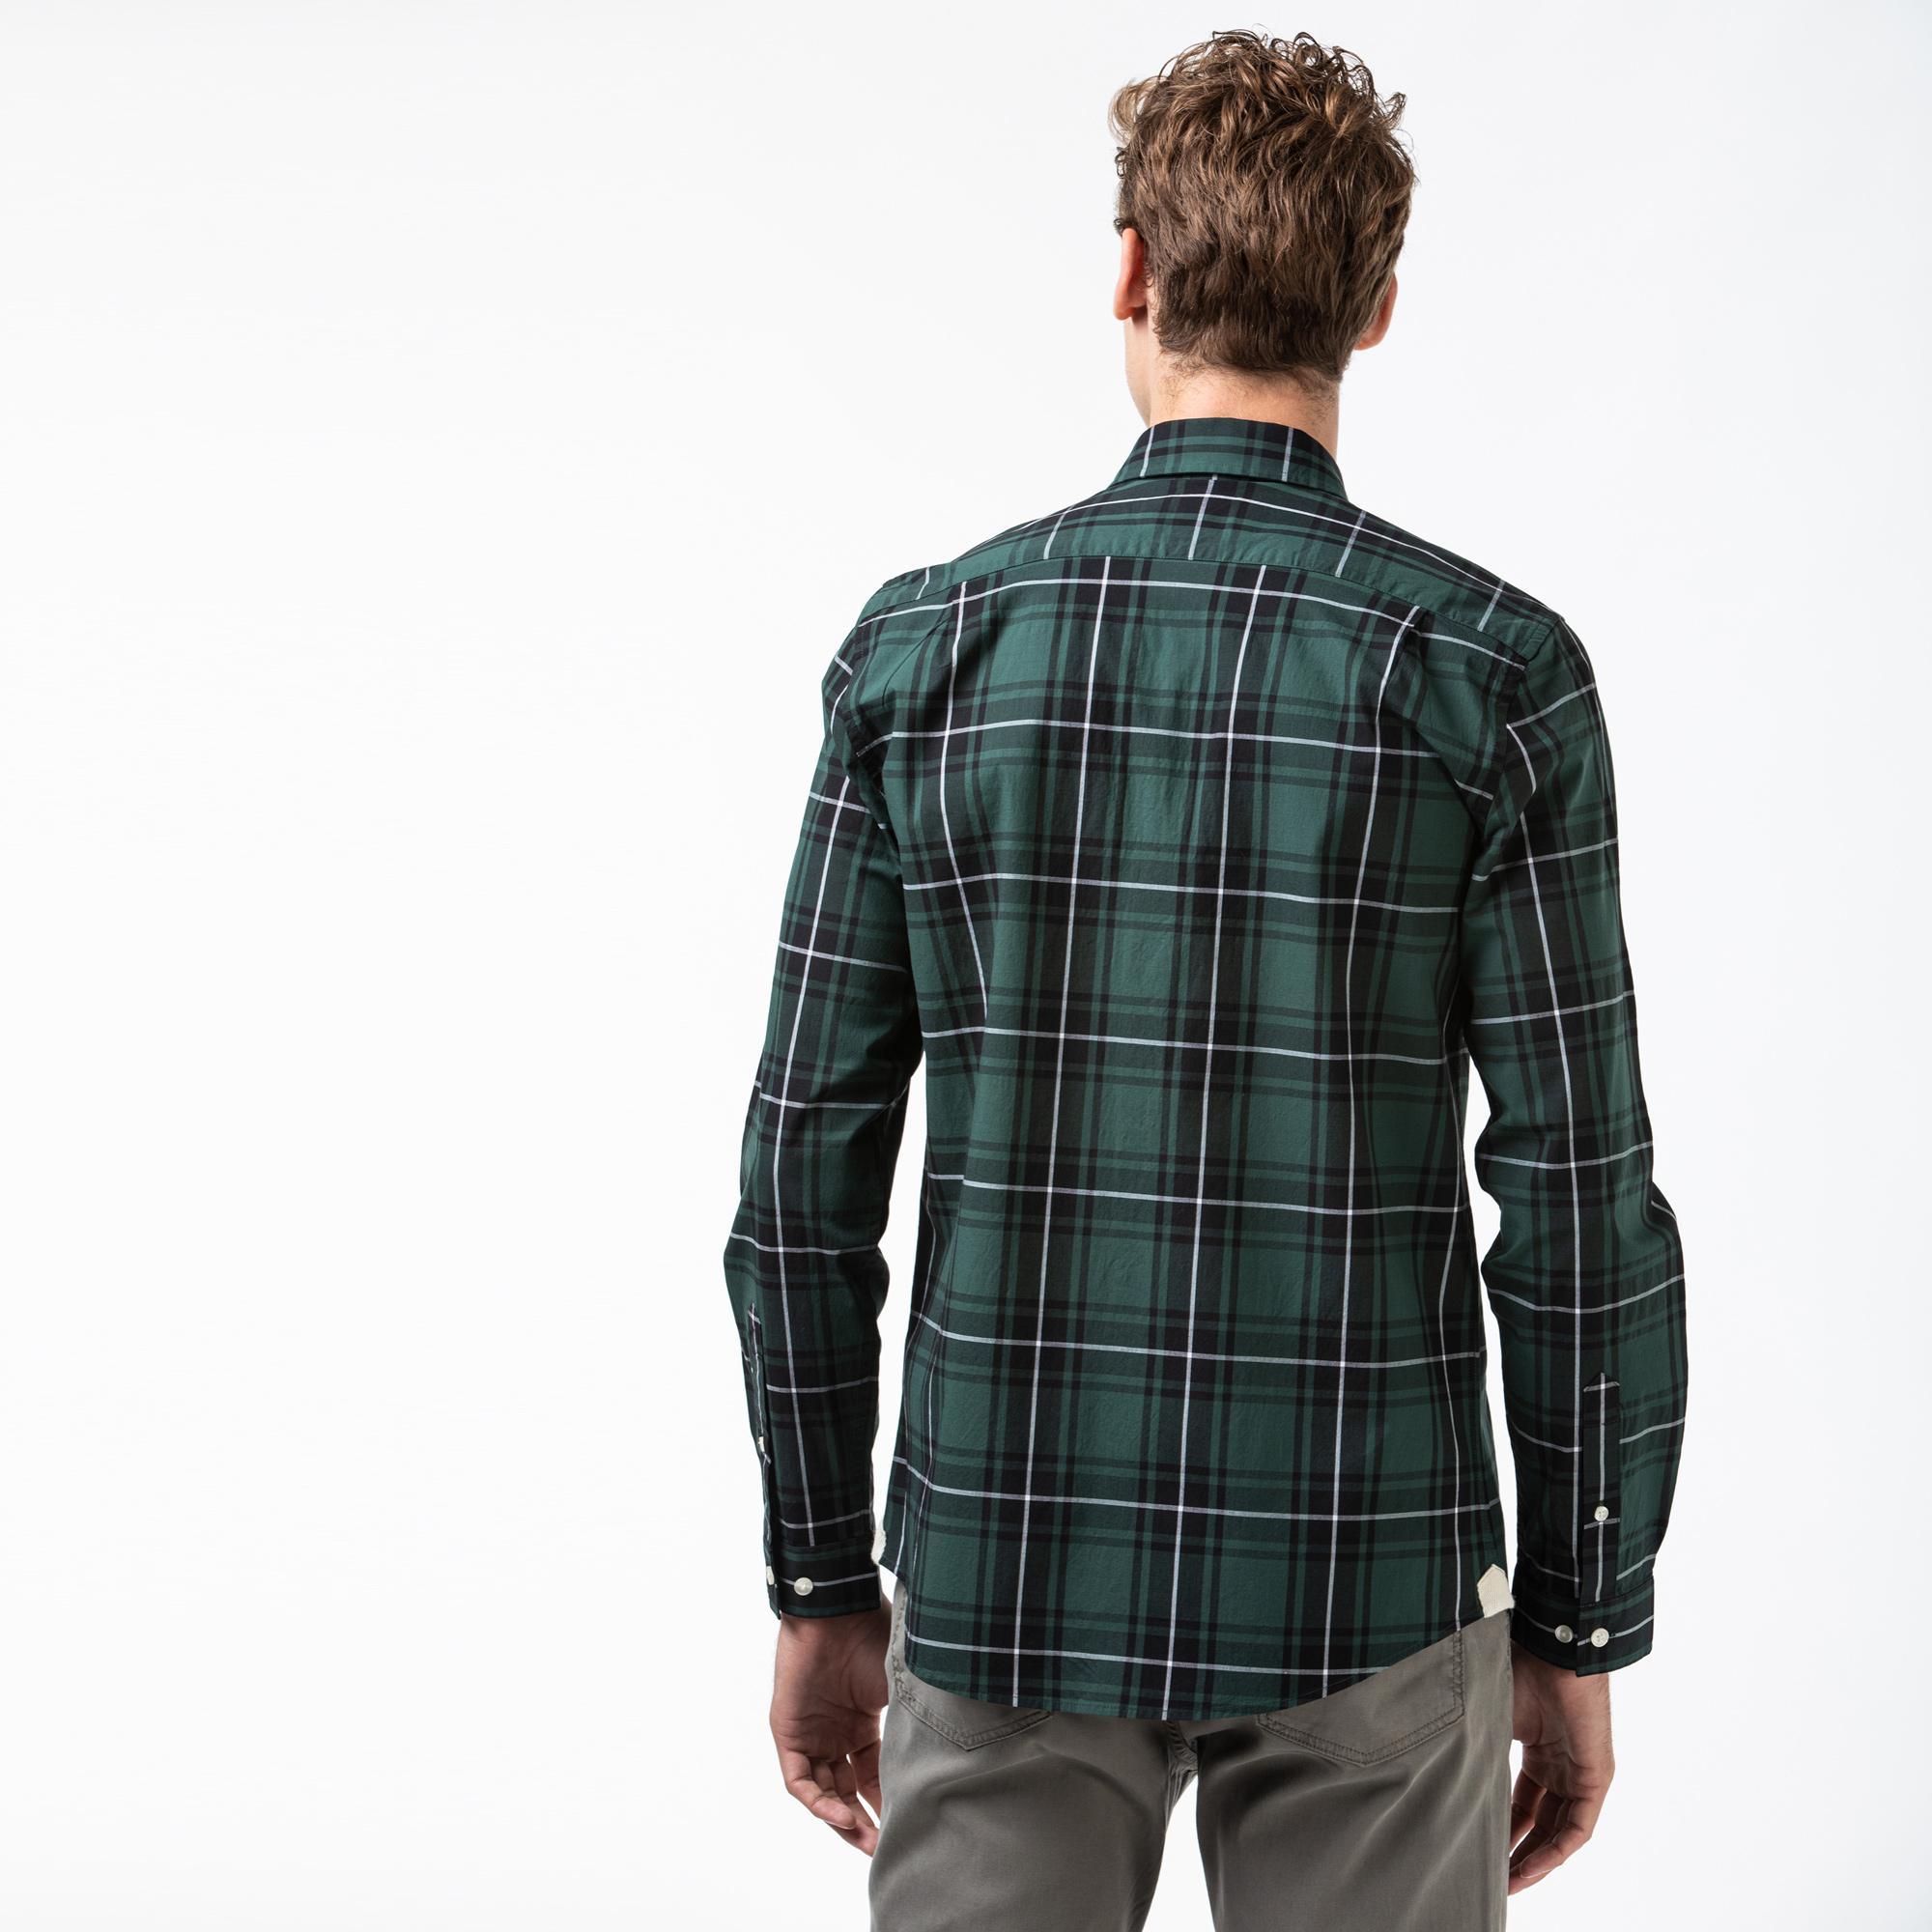 Lacoste Męska Rozciągliwa Koszula W Kratę Z Popeliny Bawełnianej Regular Fit